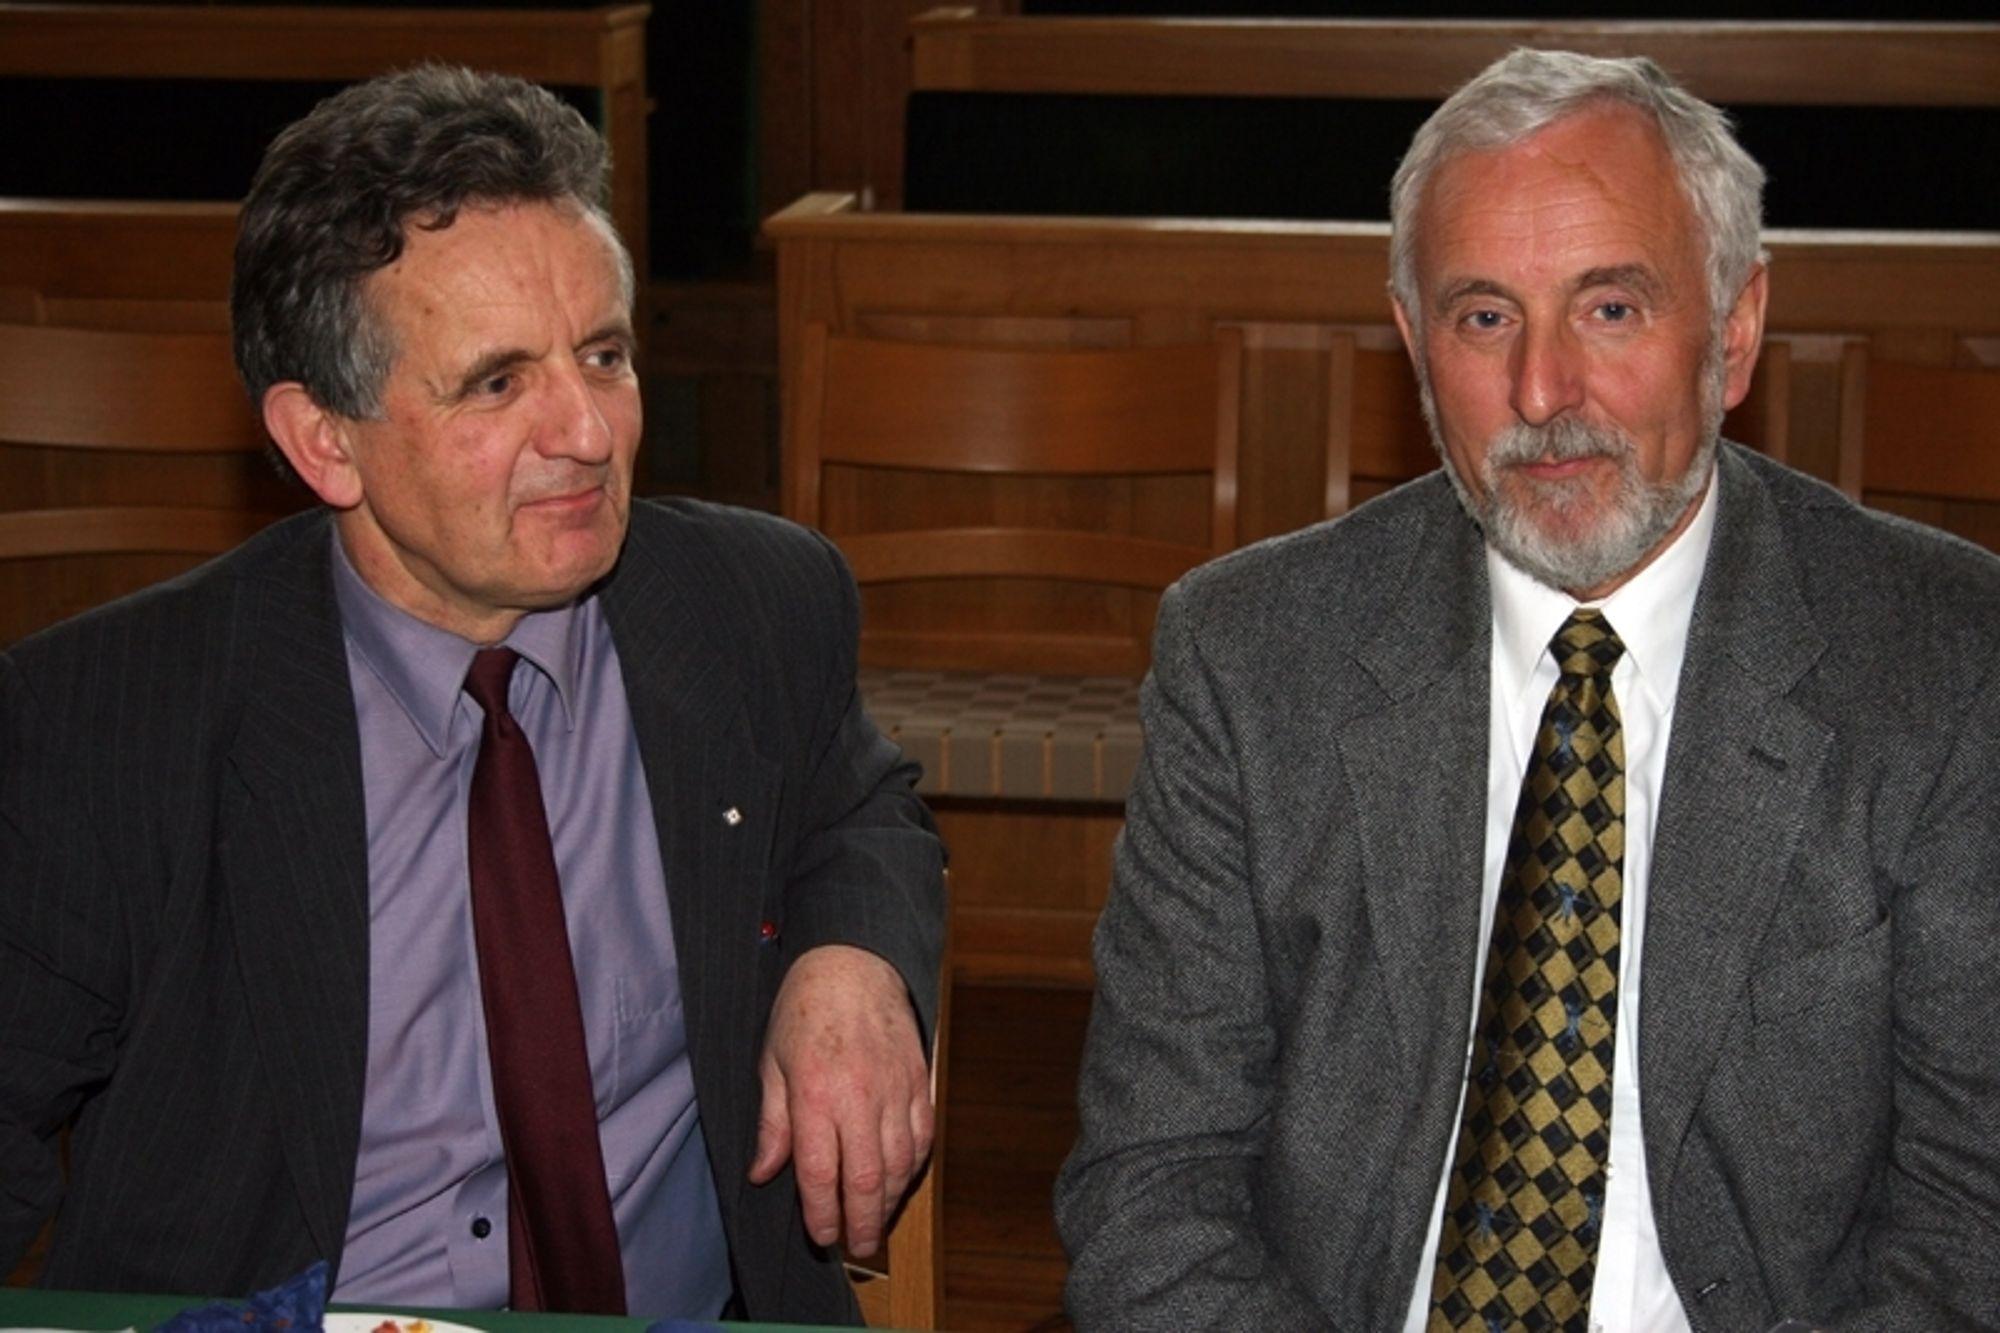 VIL SAMARBEIDE: Rektor Eivind Hiis Hauge og styreformann NTNU (t.v.), og Sintefs styreformann Jan Erik Korssjøen mener det er viktig å inngå en langsiktig, forpliktende allianse i møte med den internasjonale konkurransen.